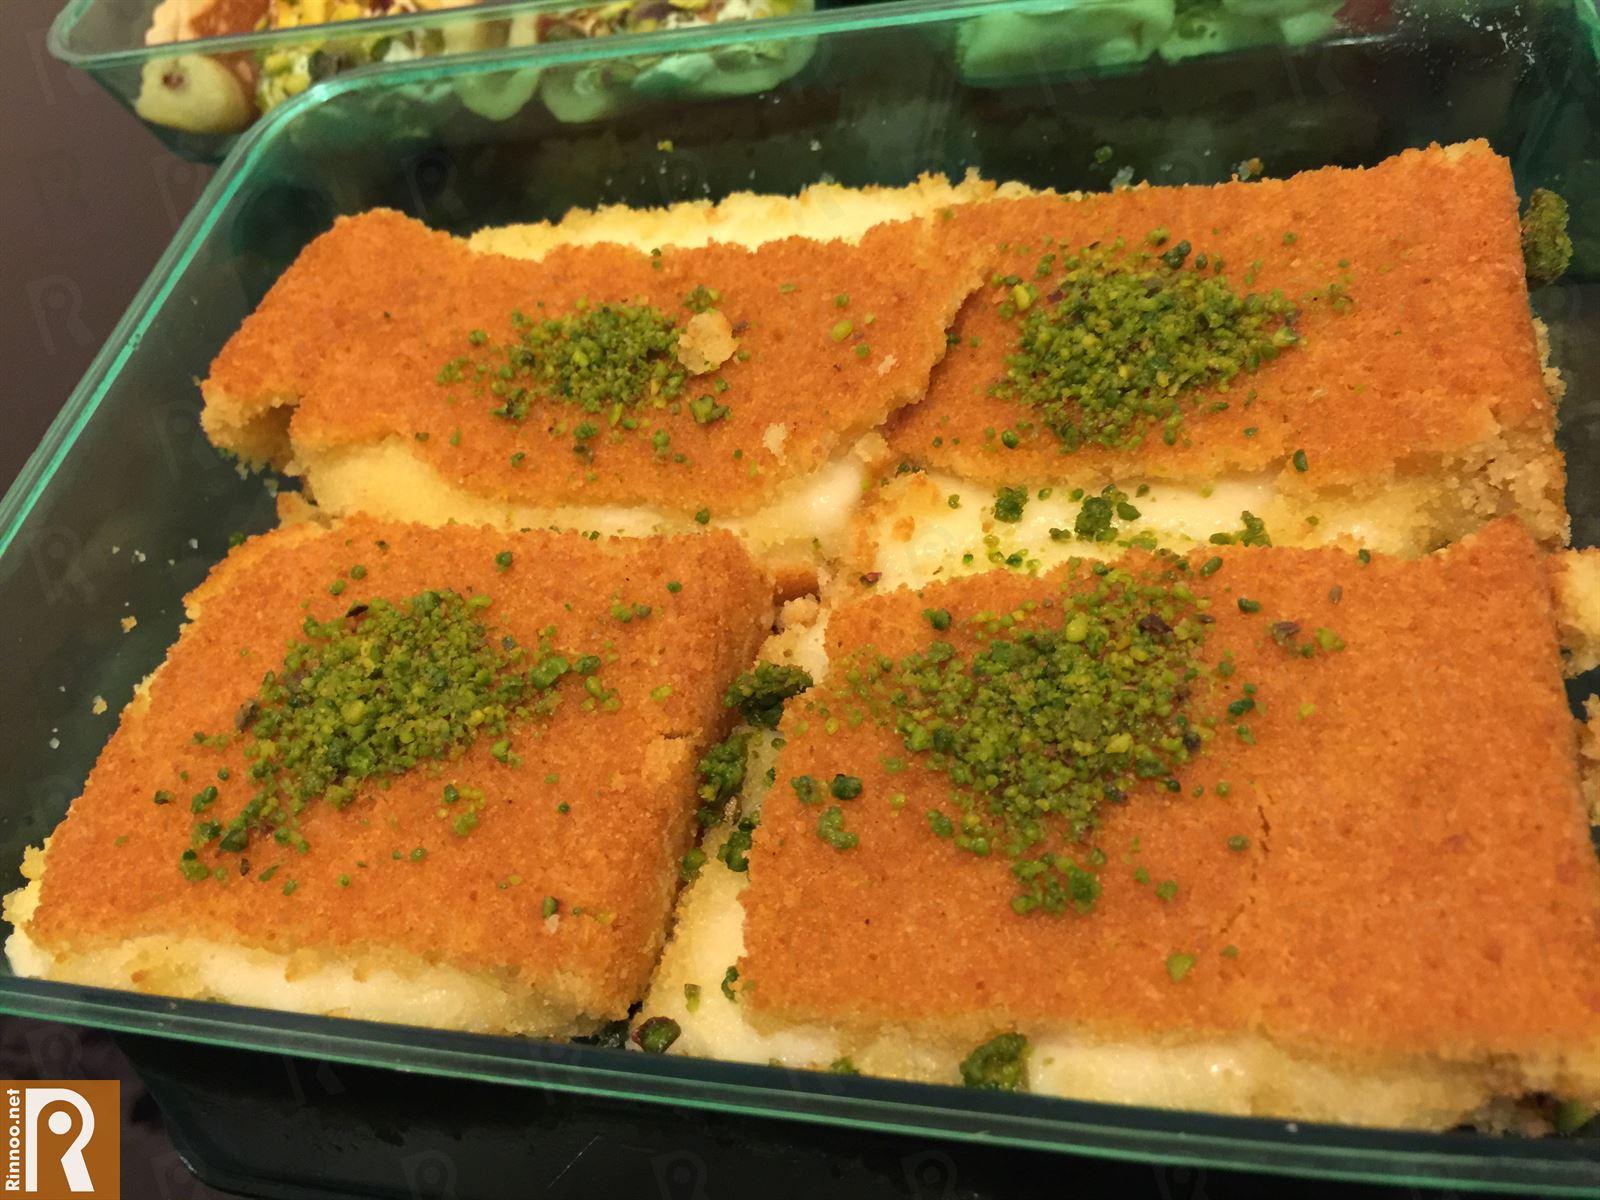 بالصور حلويات عربية , اجمل اطباق الحلويات الشرقيه 3660 6